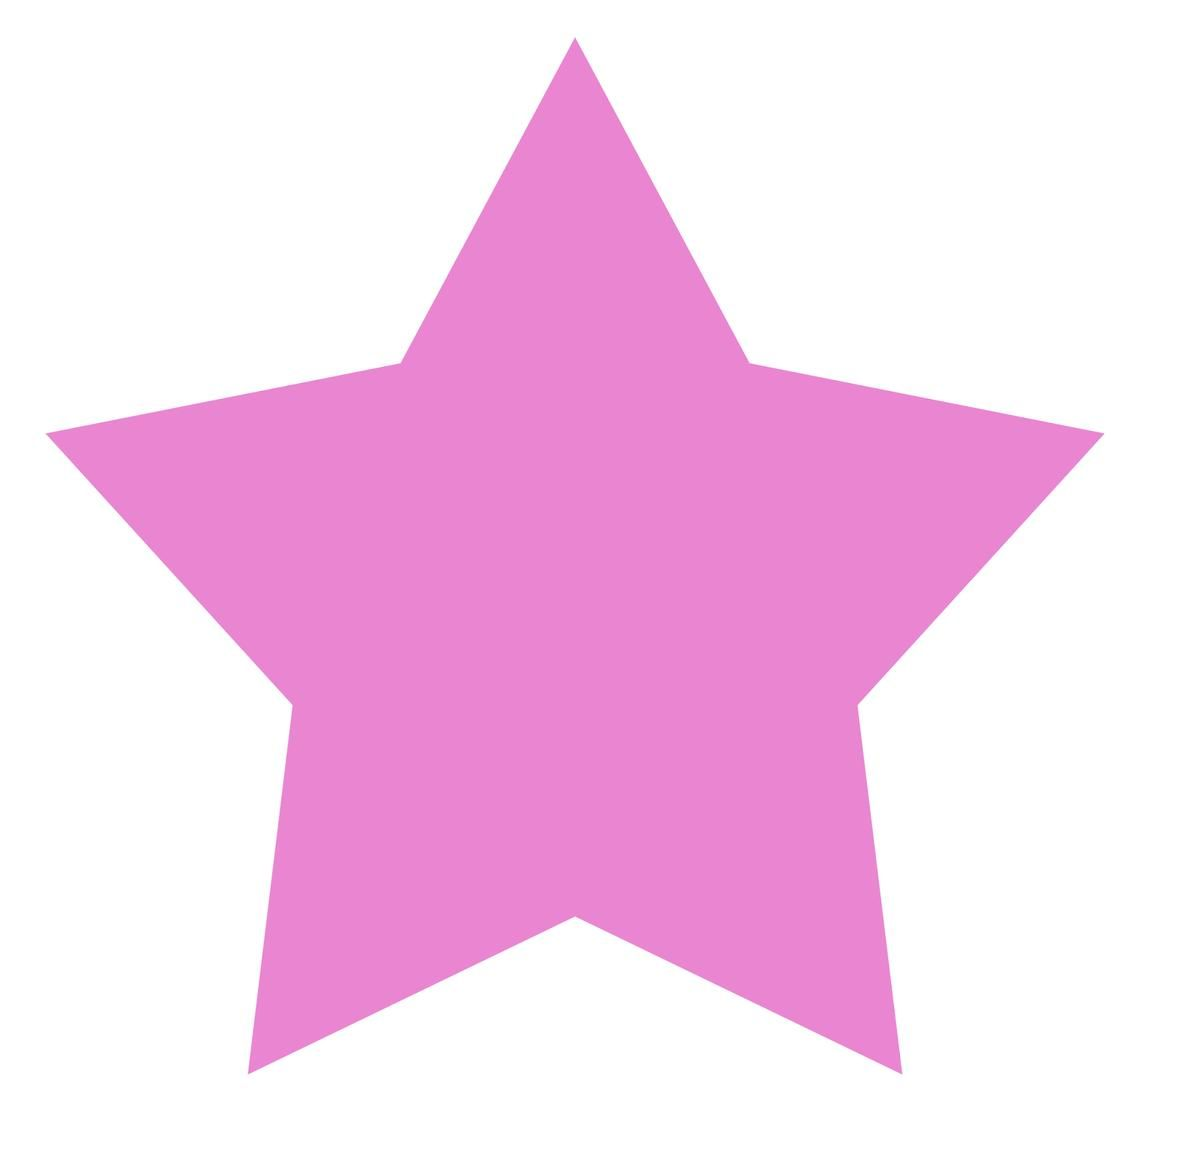 Molde De Estrellas Para Decorar Cumpeleanos Moldes De Estrellas Decorar Con Estrellas Guirnaldas Para Cumpleanos